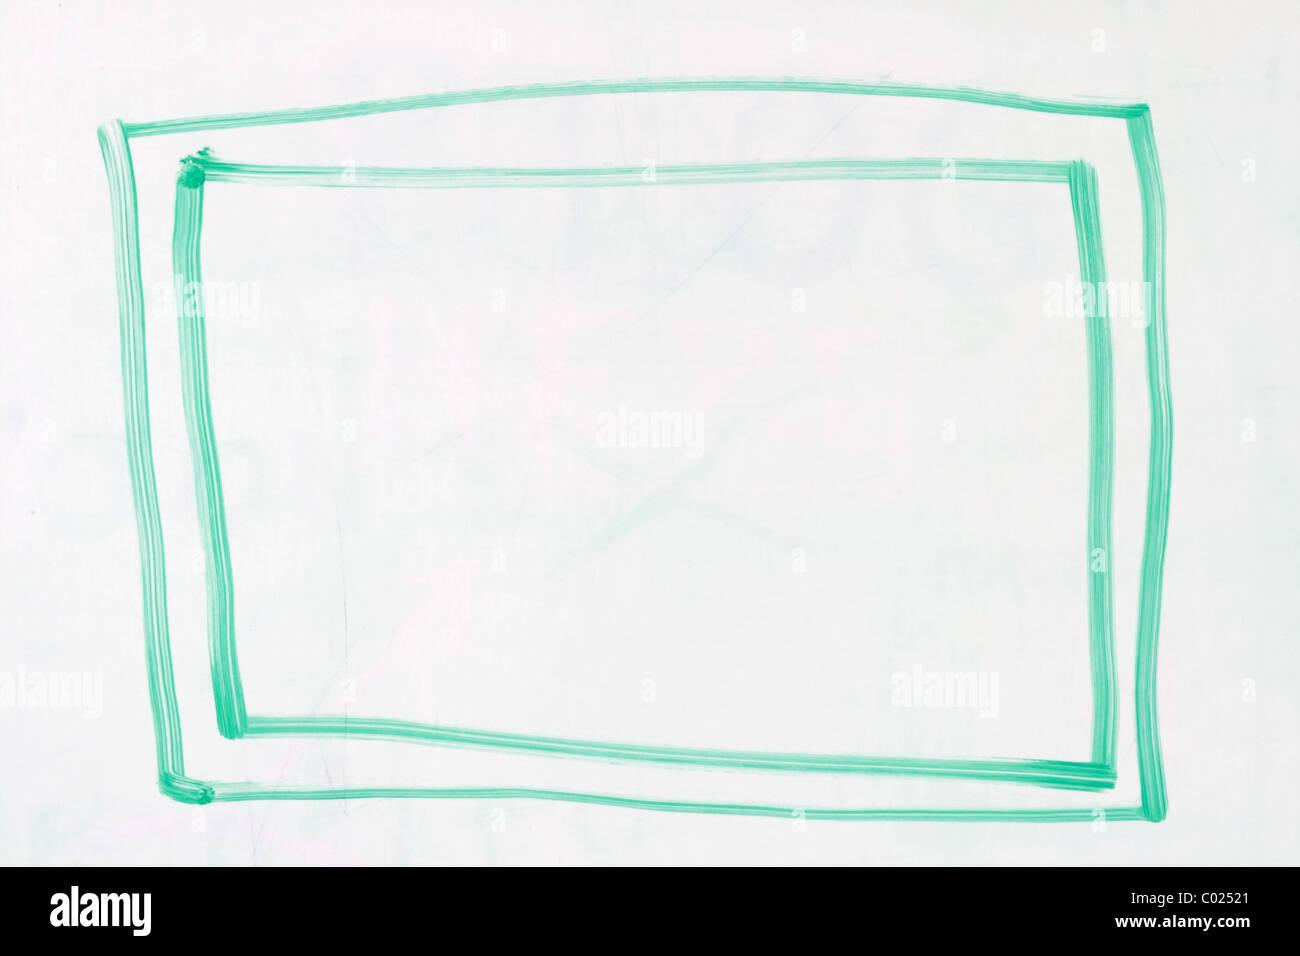 Box con contorno doppi in verde dry erase marcatore su un usato una lavagna bianca Immagini Stock